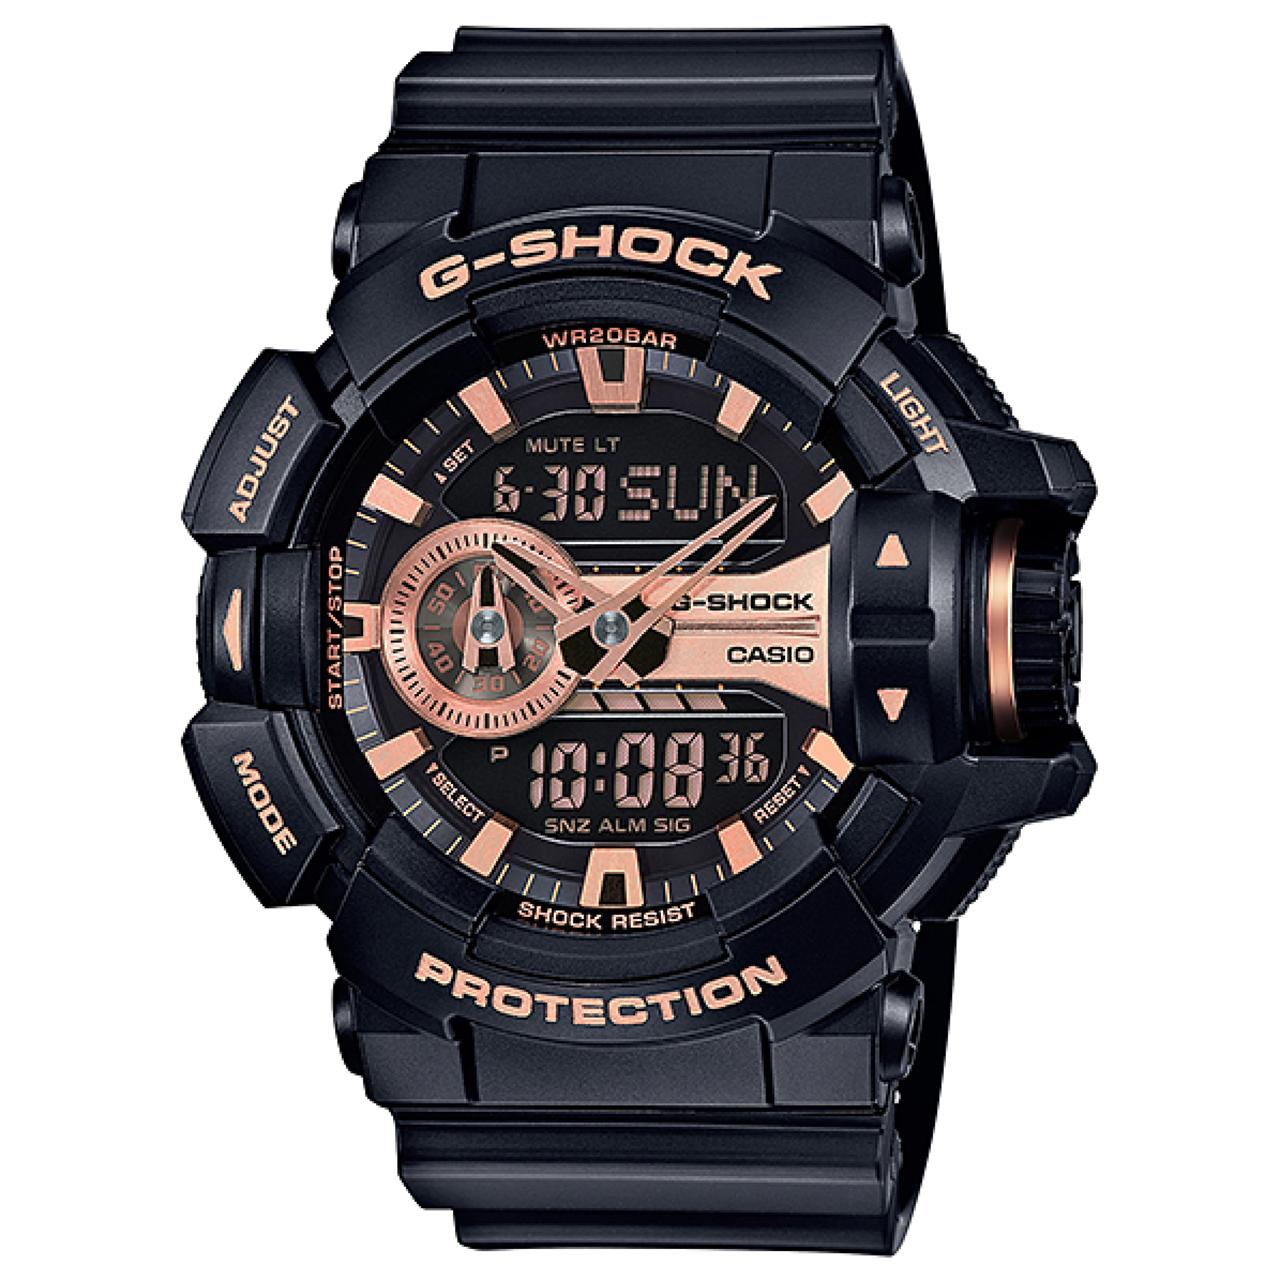 ساعت  کاسیو جی شاک مدل GA-400GB-1A4DR